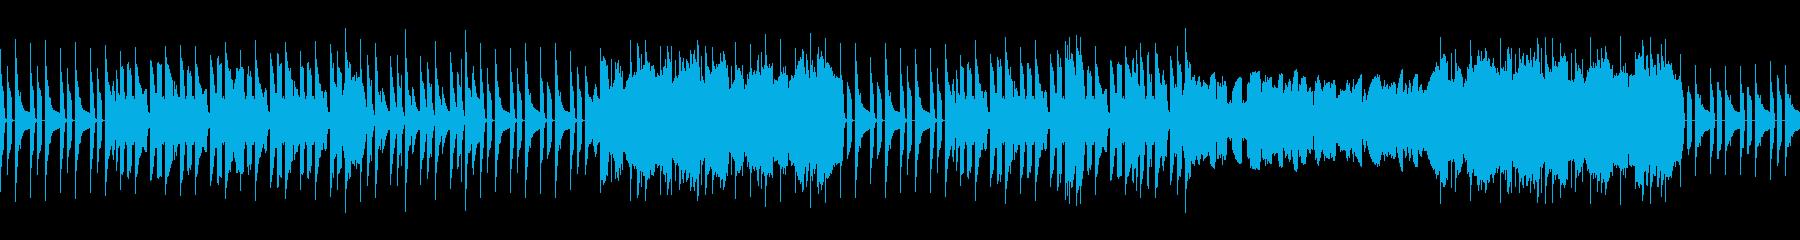 ほのぼのとした木管楽器曲(ループ)の再生済みの波形